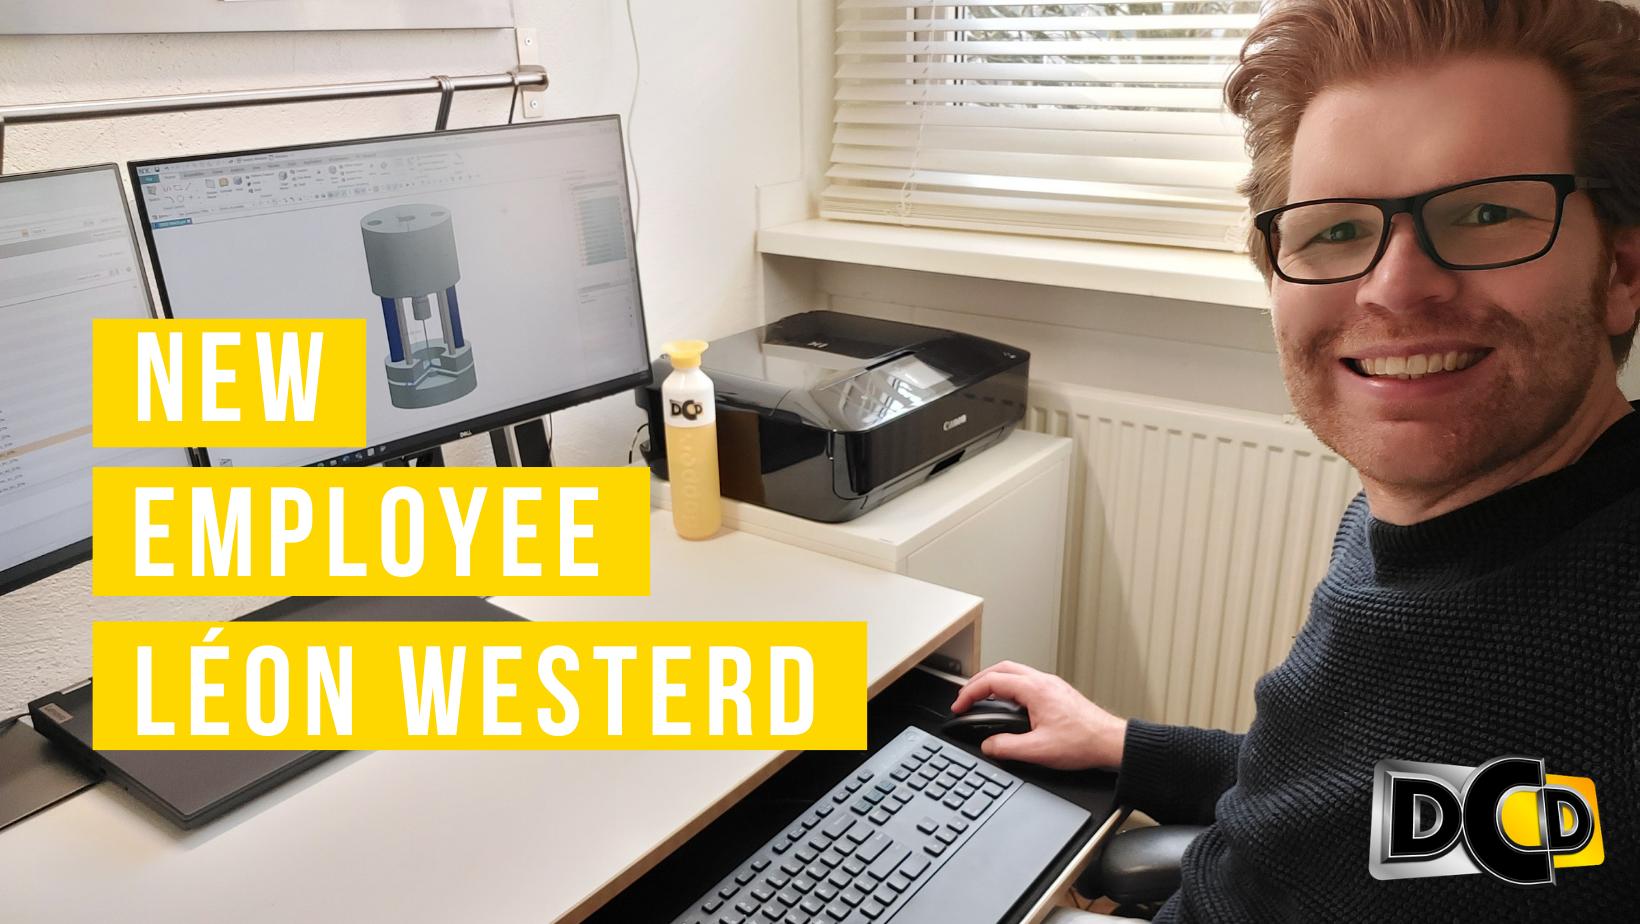 Welcome Léon Westerd!